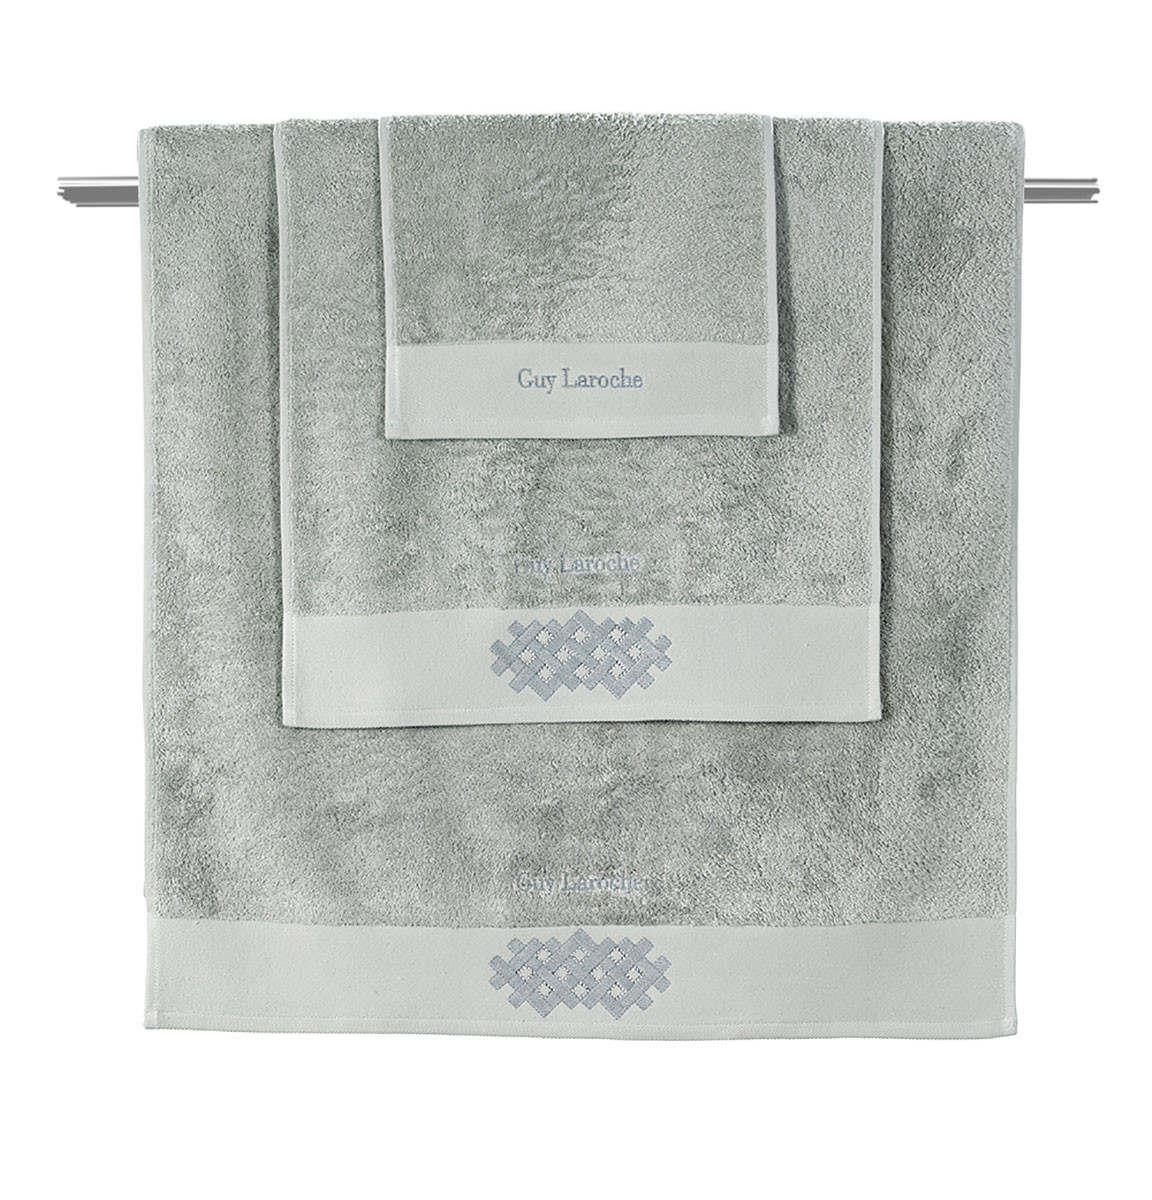 Πετσέτες Μπάνιου (Σετ 3τμχ) Guy Laroche Scope Mint